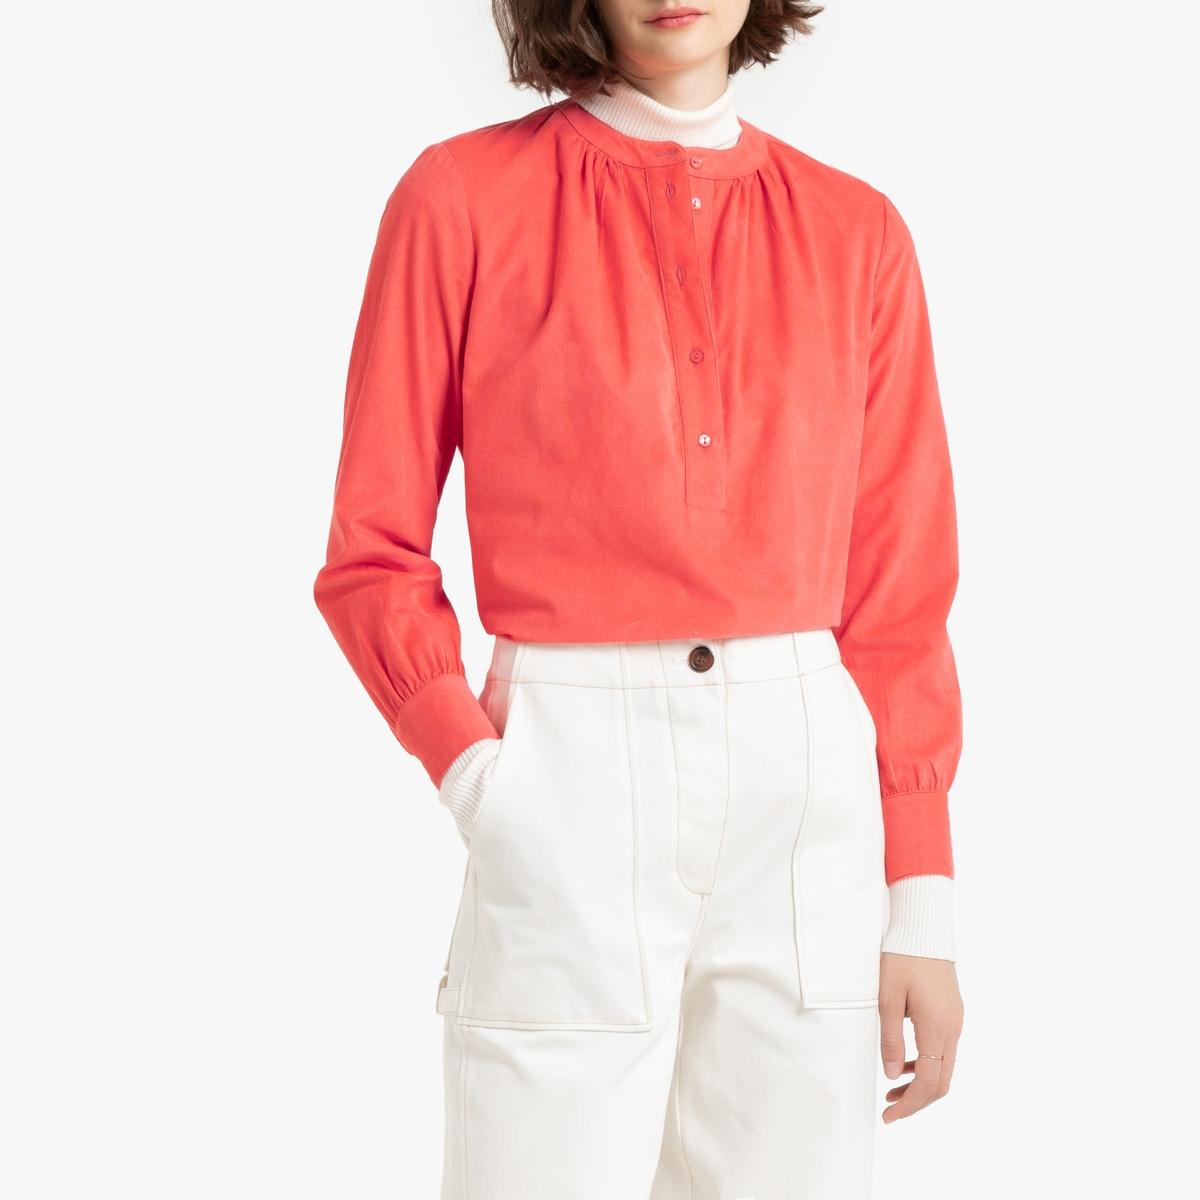 цена Блузка La Redoute С круглым вырезом с разрезом спереди и рукавами 34 (FR) - 40 (RUS) розовый онлайн в 2017 году